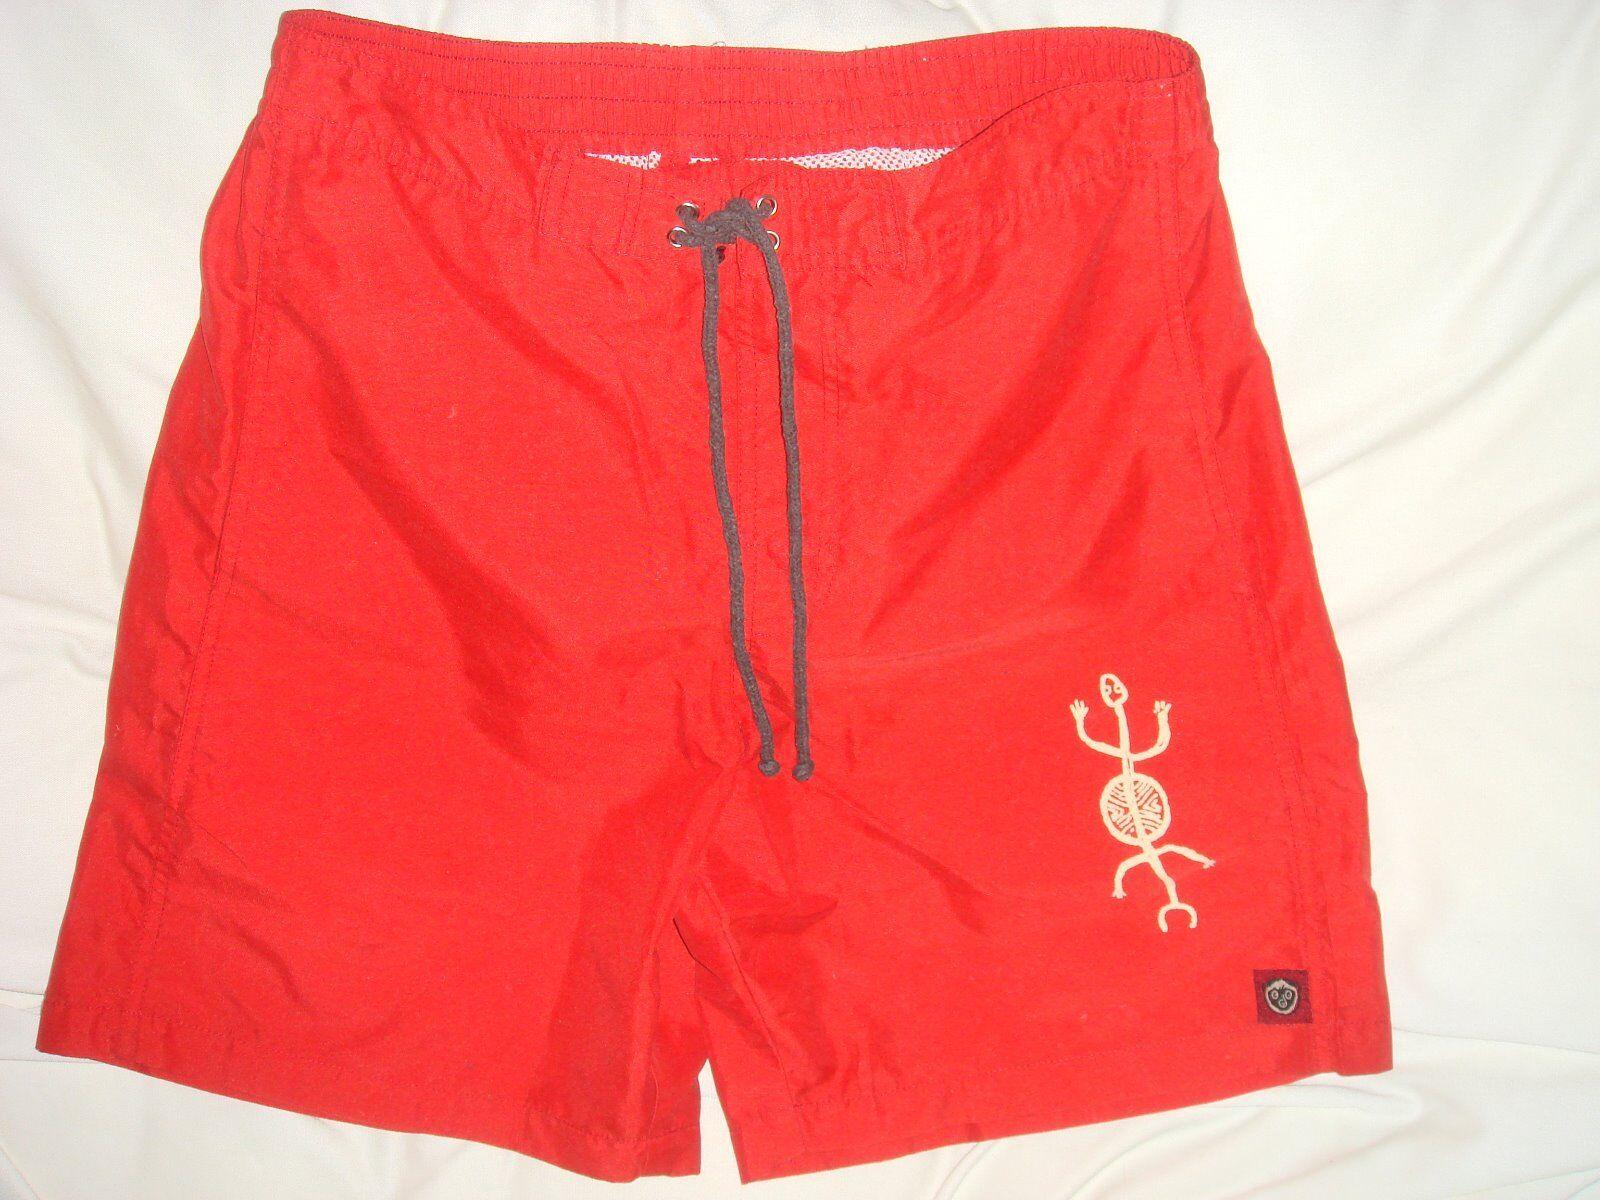 Para hombres Pantalones Cortos de Natación Maki Co Rojo GECKO Traje de Baño Traje de baño pequeño seycelles